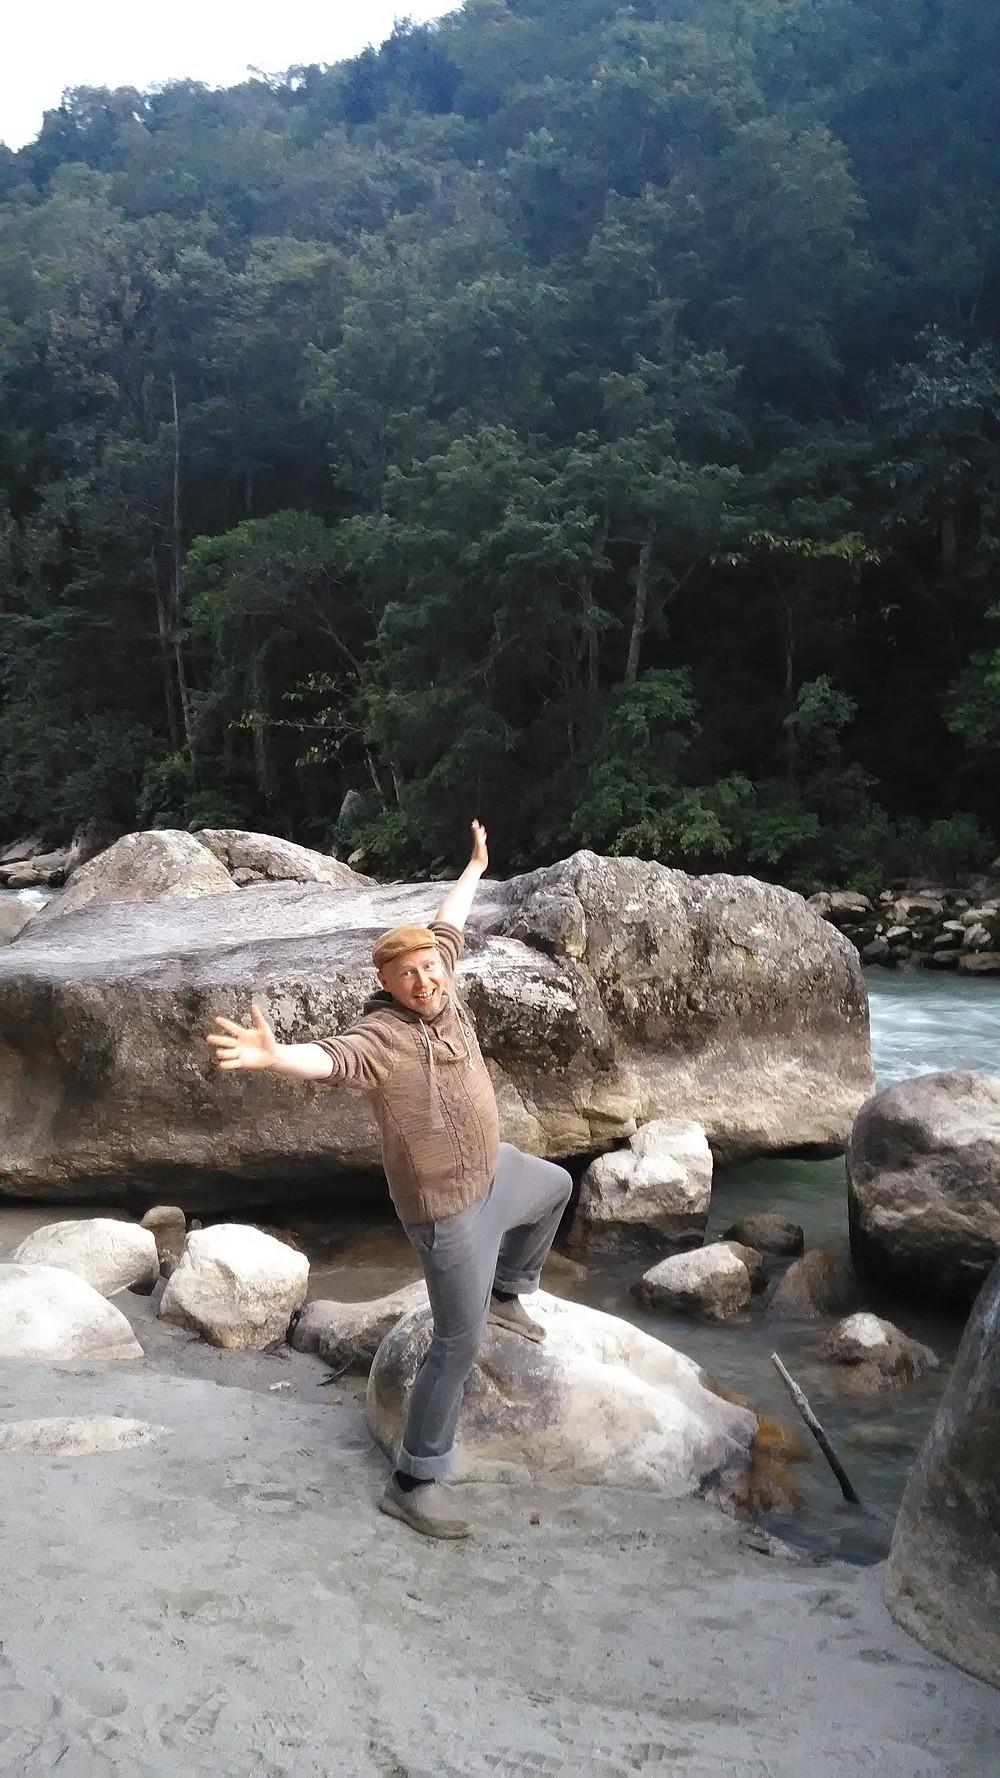 Pekalle matka Himalajalle oli unelmien täyttymys.